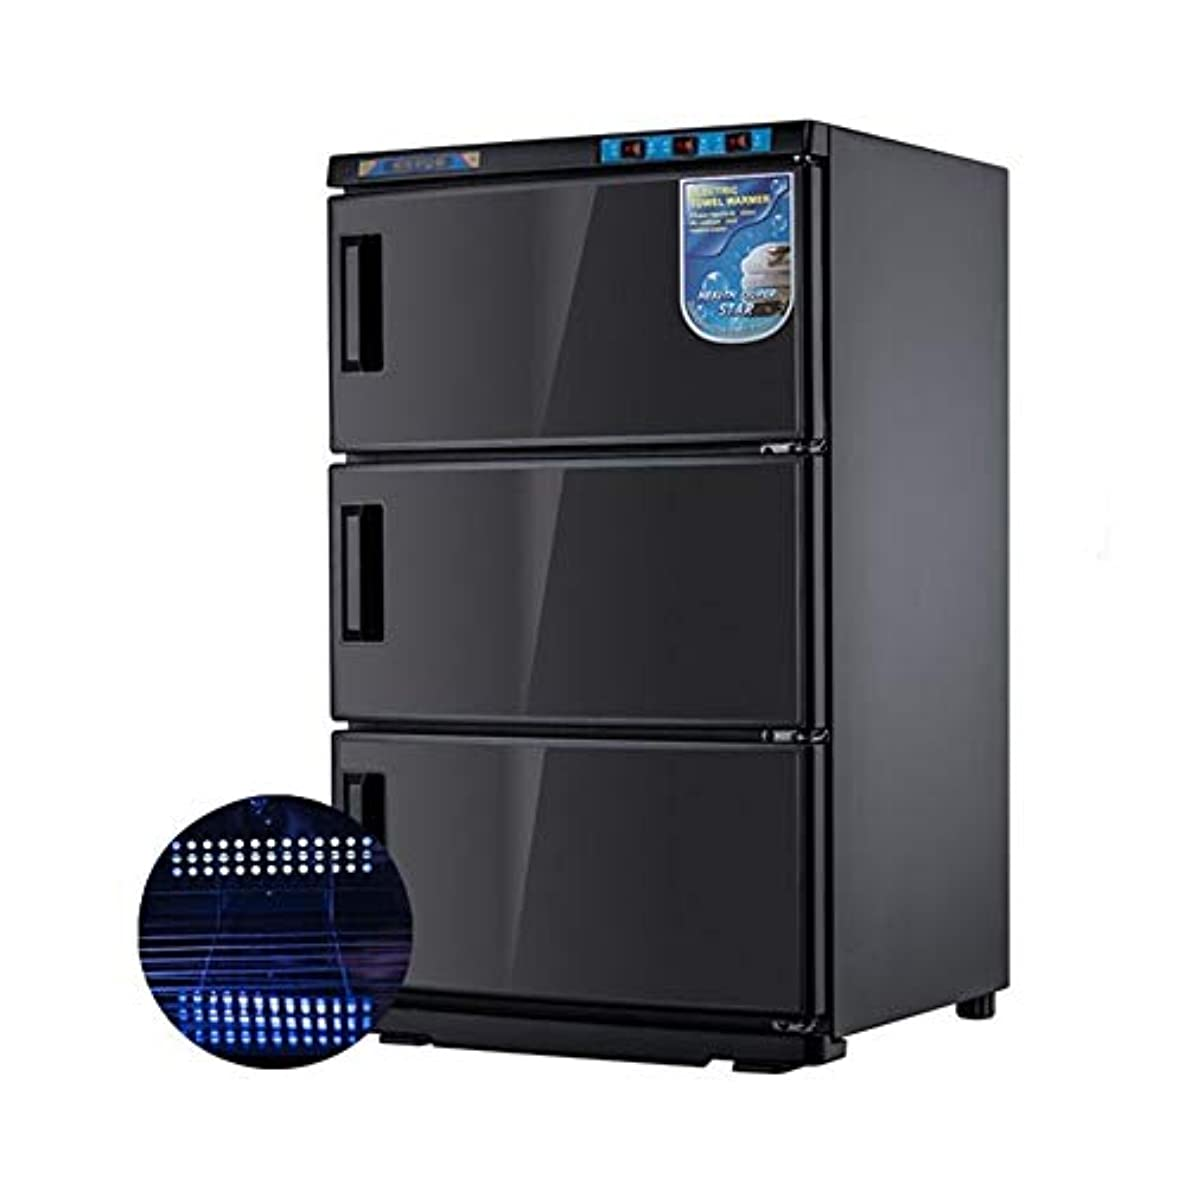 エレクトロニックこっそり真似る2in1 75L UV滅菌器ホットタオルウォーマーキャビネットウェットタオルヒーターフェイシャルスキンSPAマッサージヘアビューティーサロン機器(ブラック)